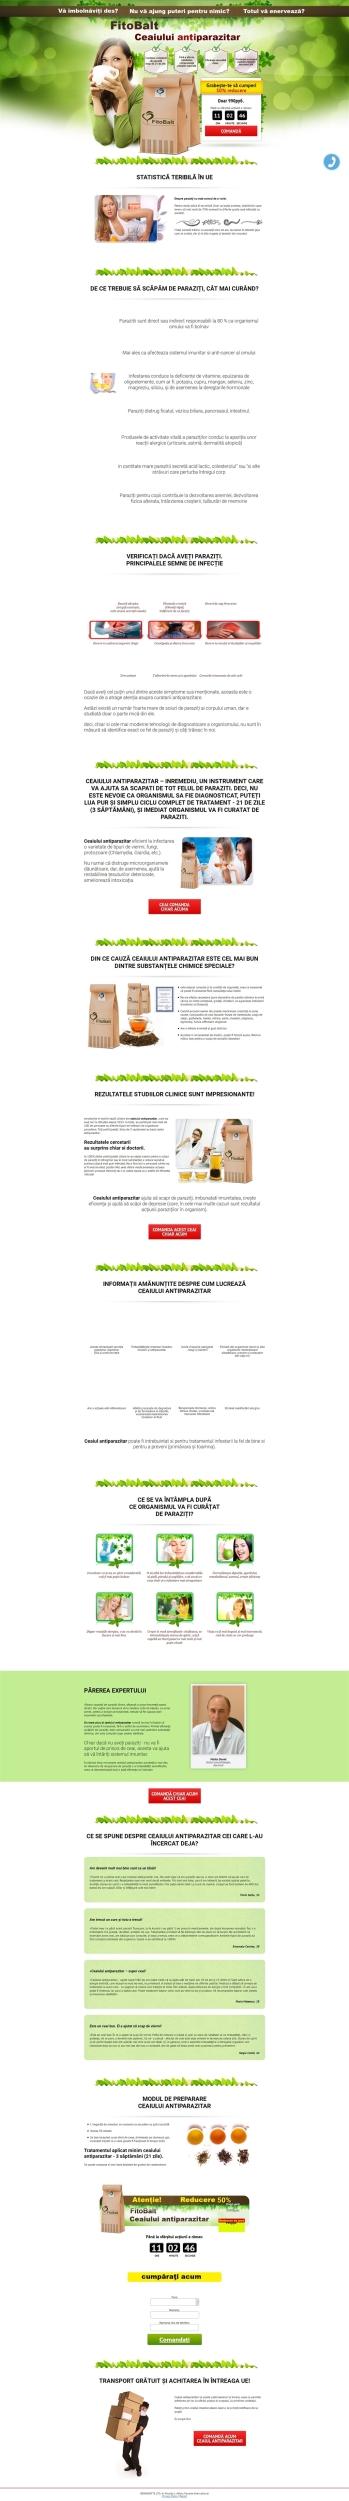 detoxifiere 1 saptamana preparate de viermi pentru hrănire